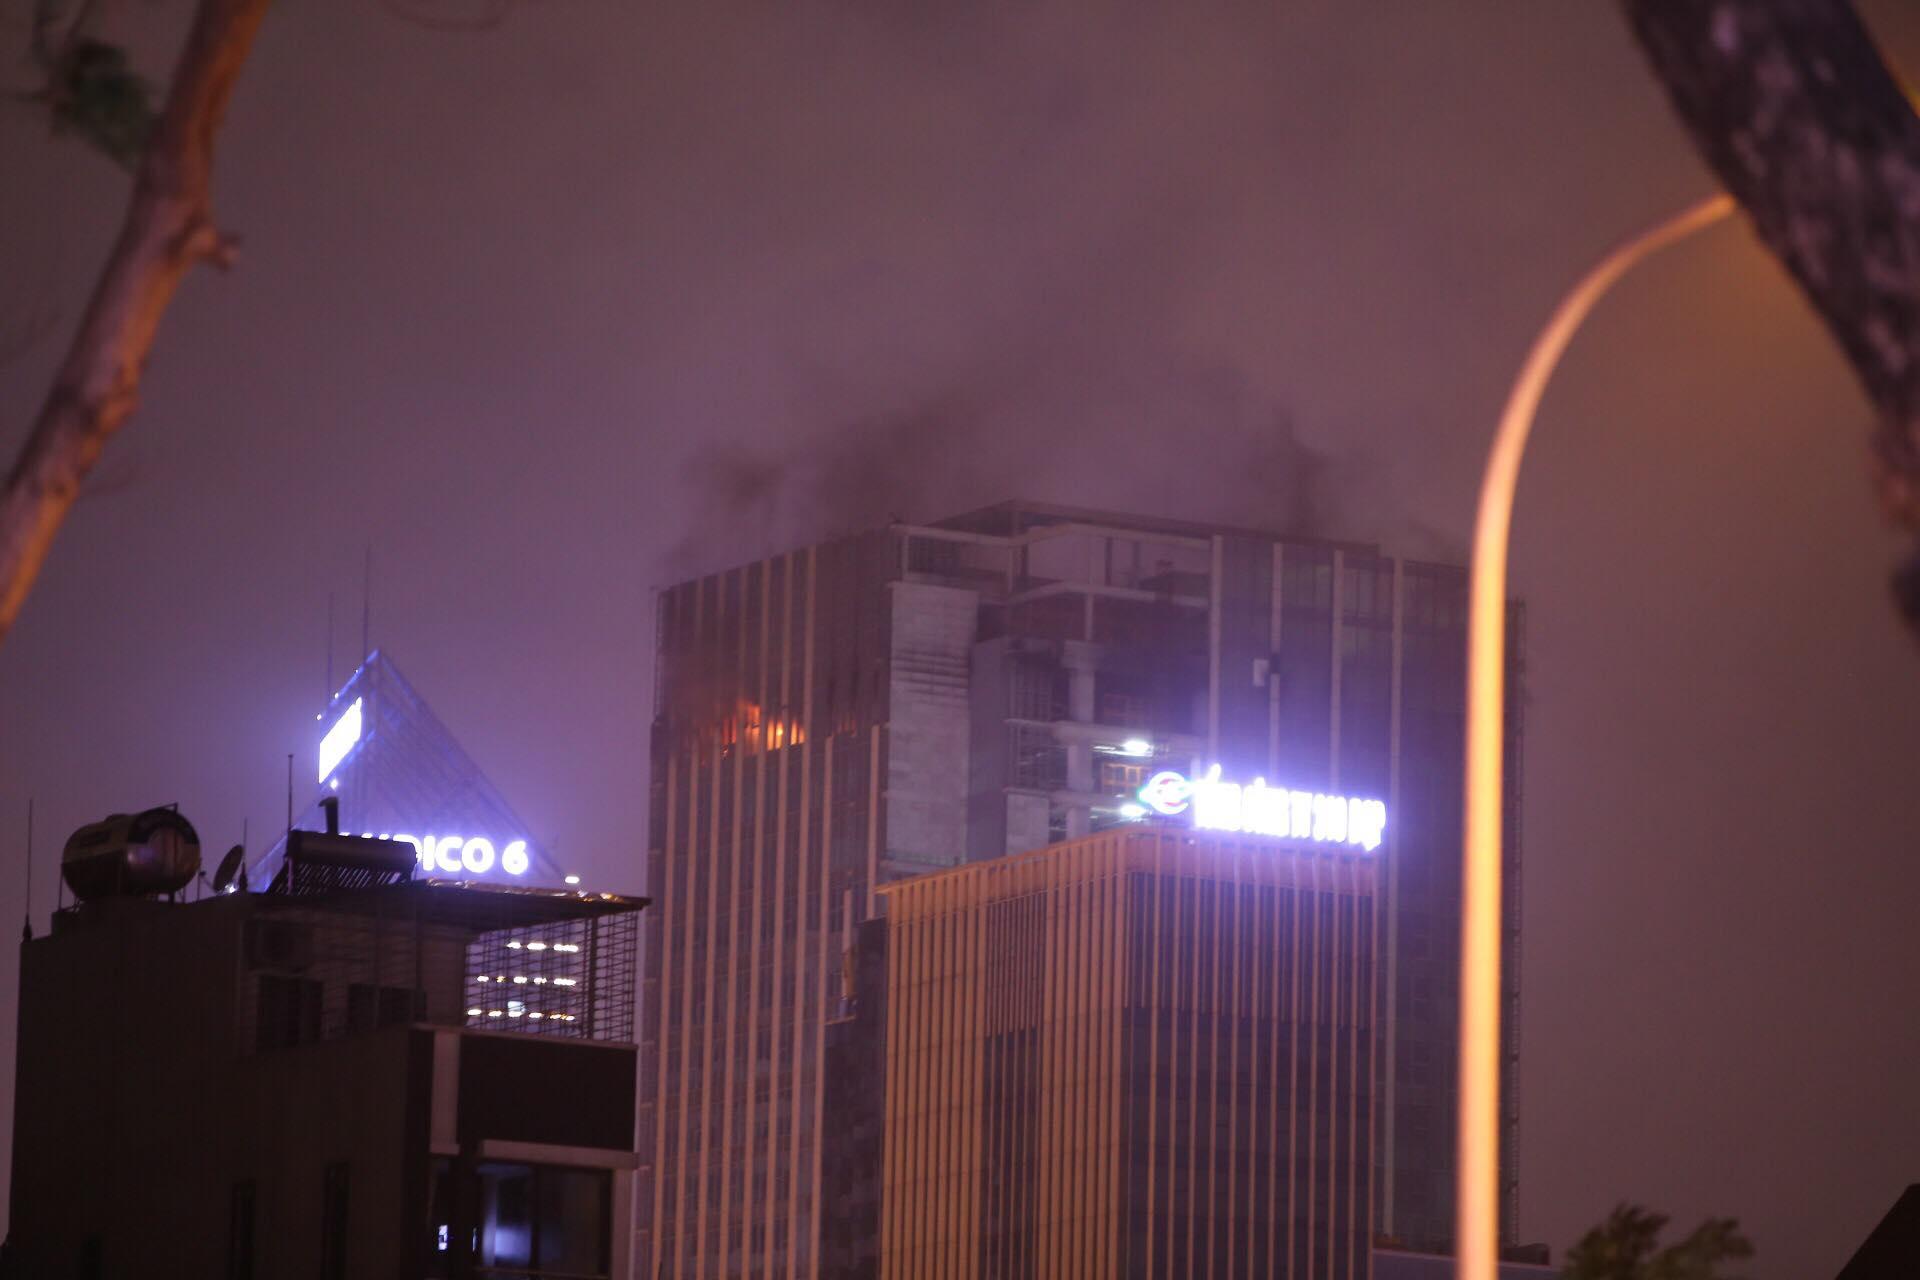 Hà Nội: Cháy lớn ở toà nhà MB Grand Tower trên đường Lê Văn Lương  - Ảnh 1